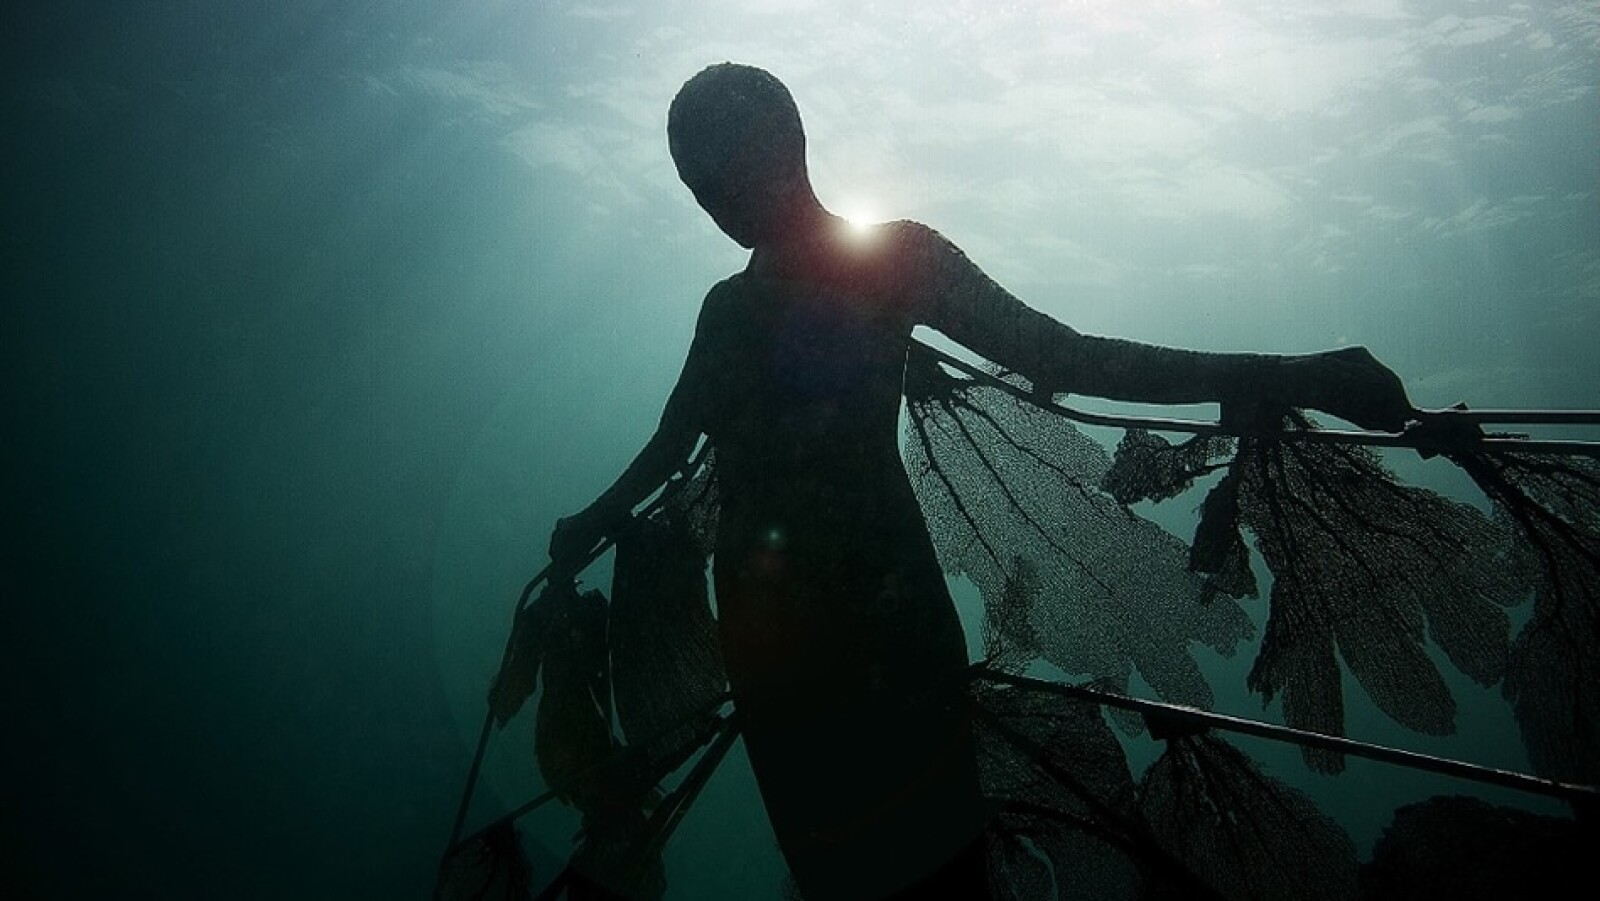 La sensación de ligereza bajo el agua permite que los visitantes recorran el museo con facilidad, al examinar las esculturas desde cada punto de vista